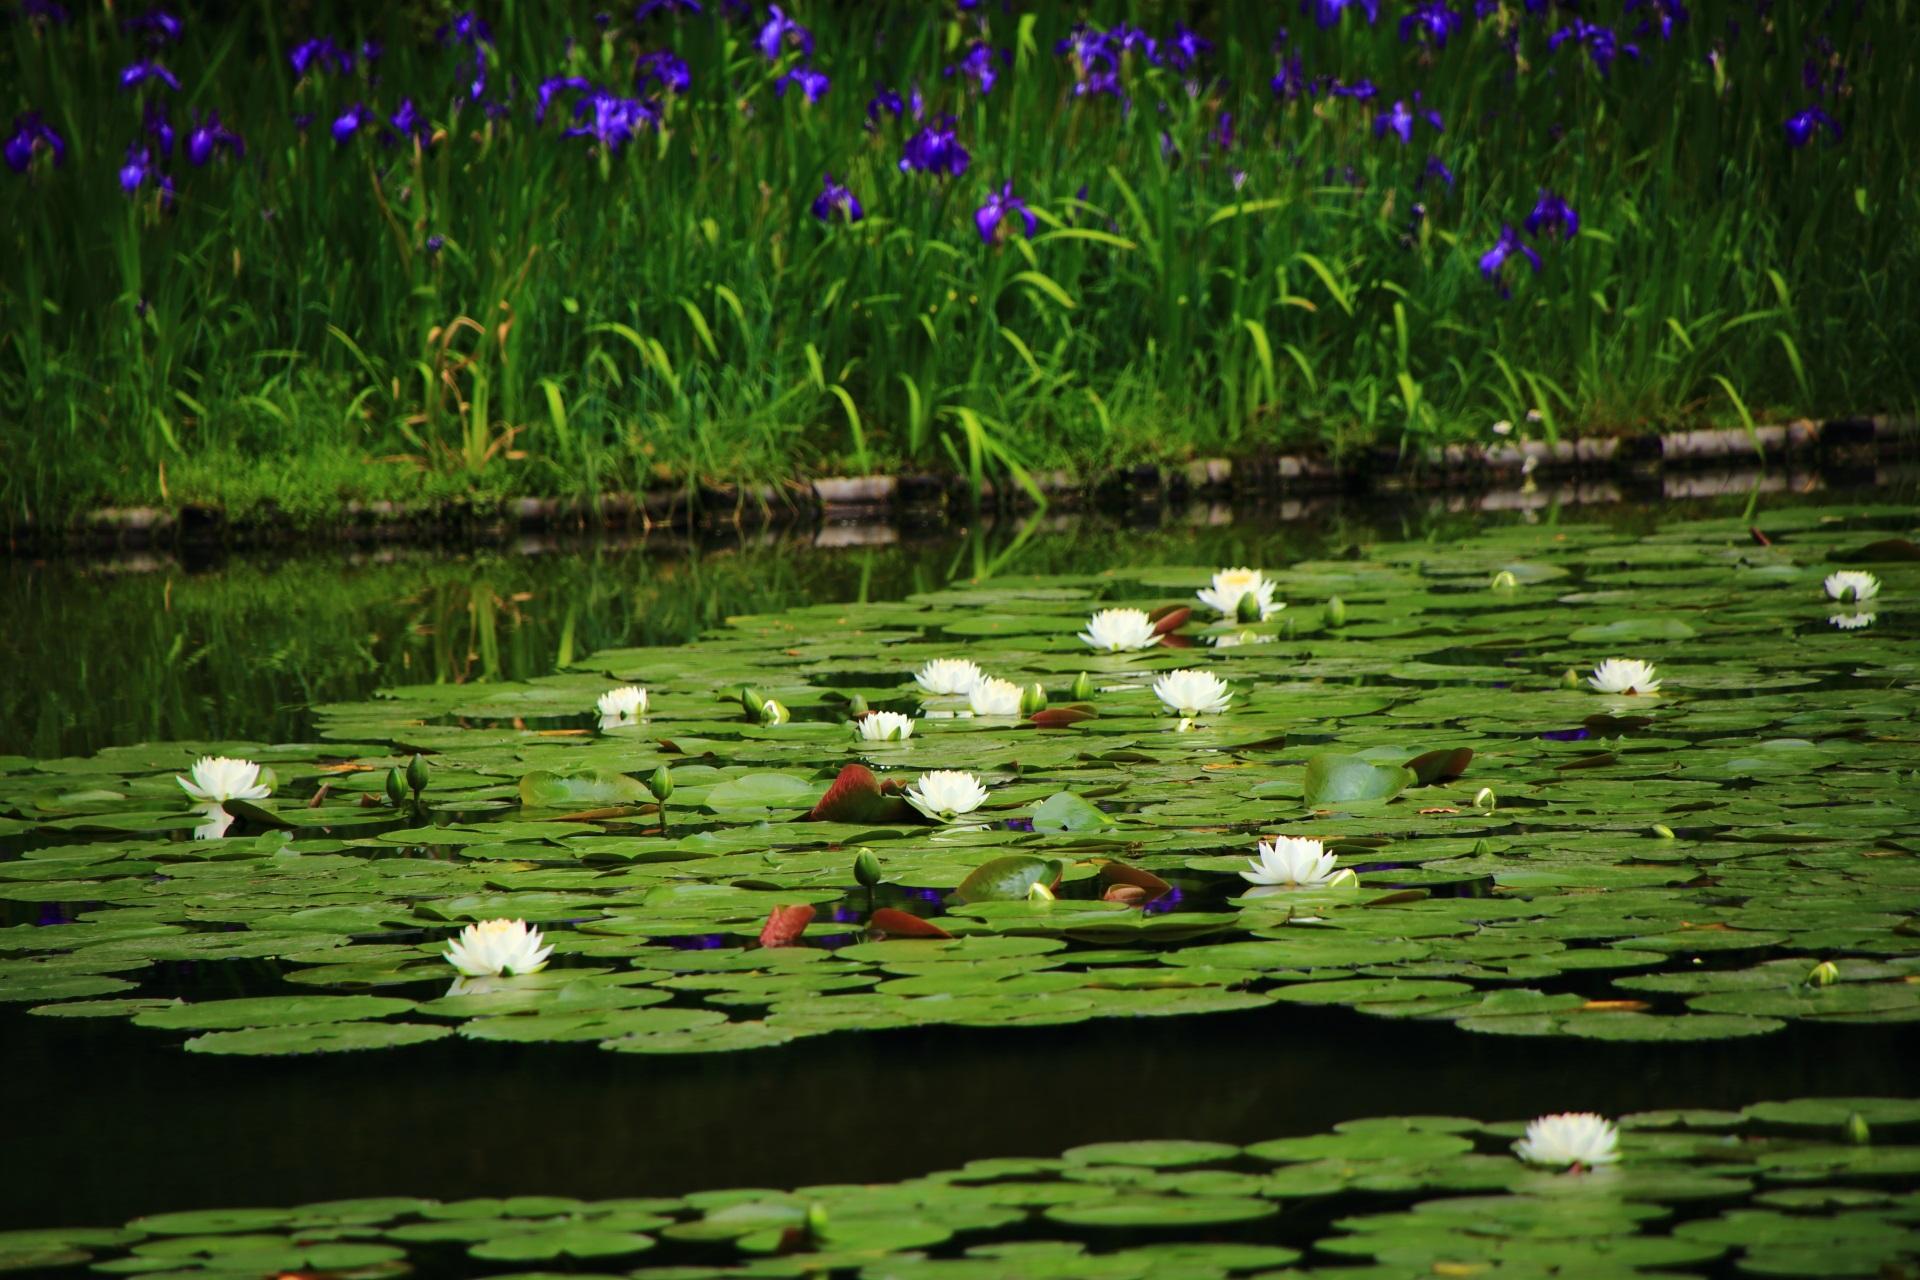 鮮やかな紫の杜若を背景にした華やかなたくさんの白い睡蓮